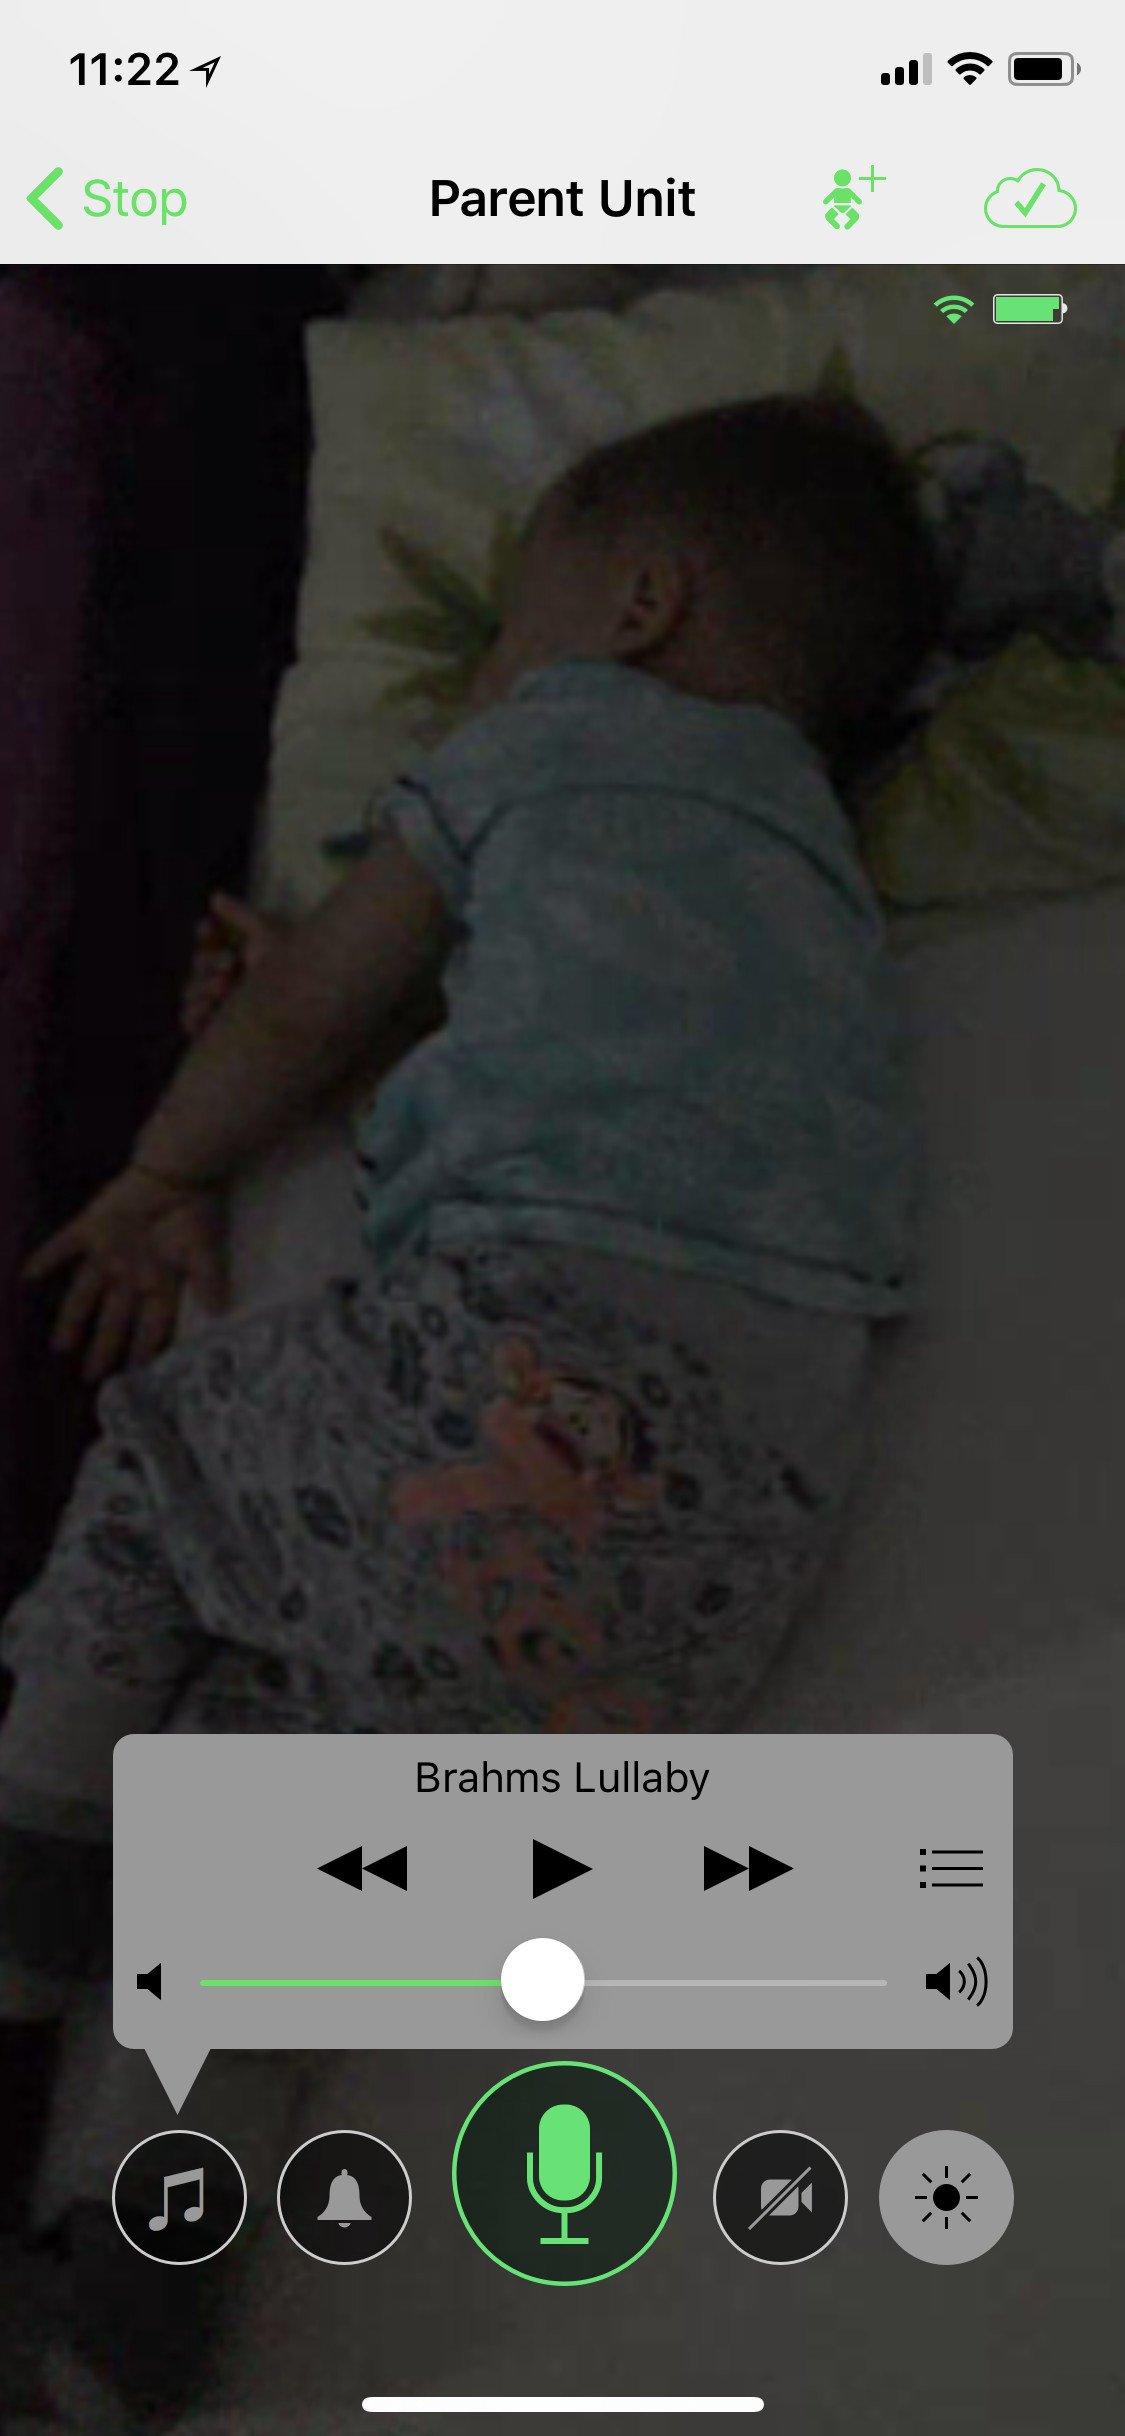 Ovládání hudby na rodičovské jednotce aplikace Cloud Baby Monitor